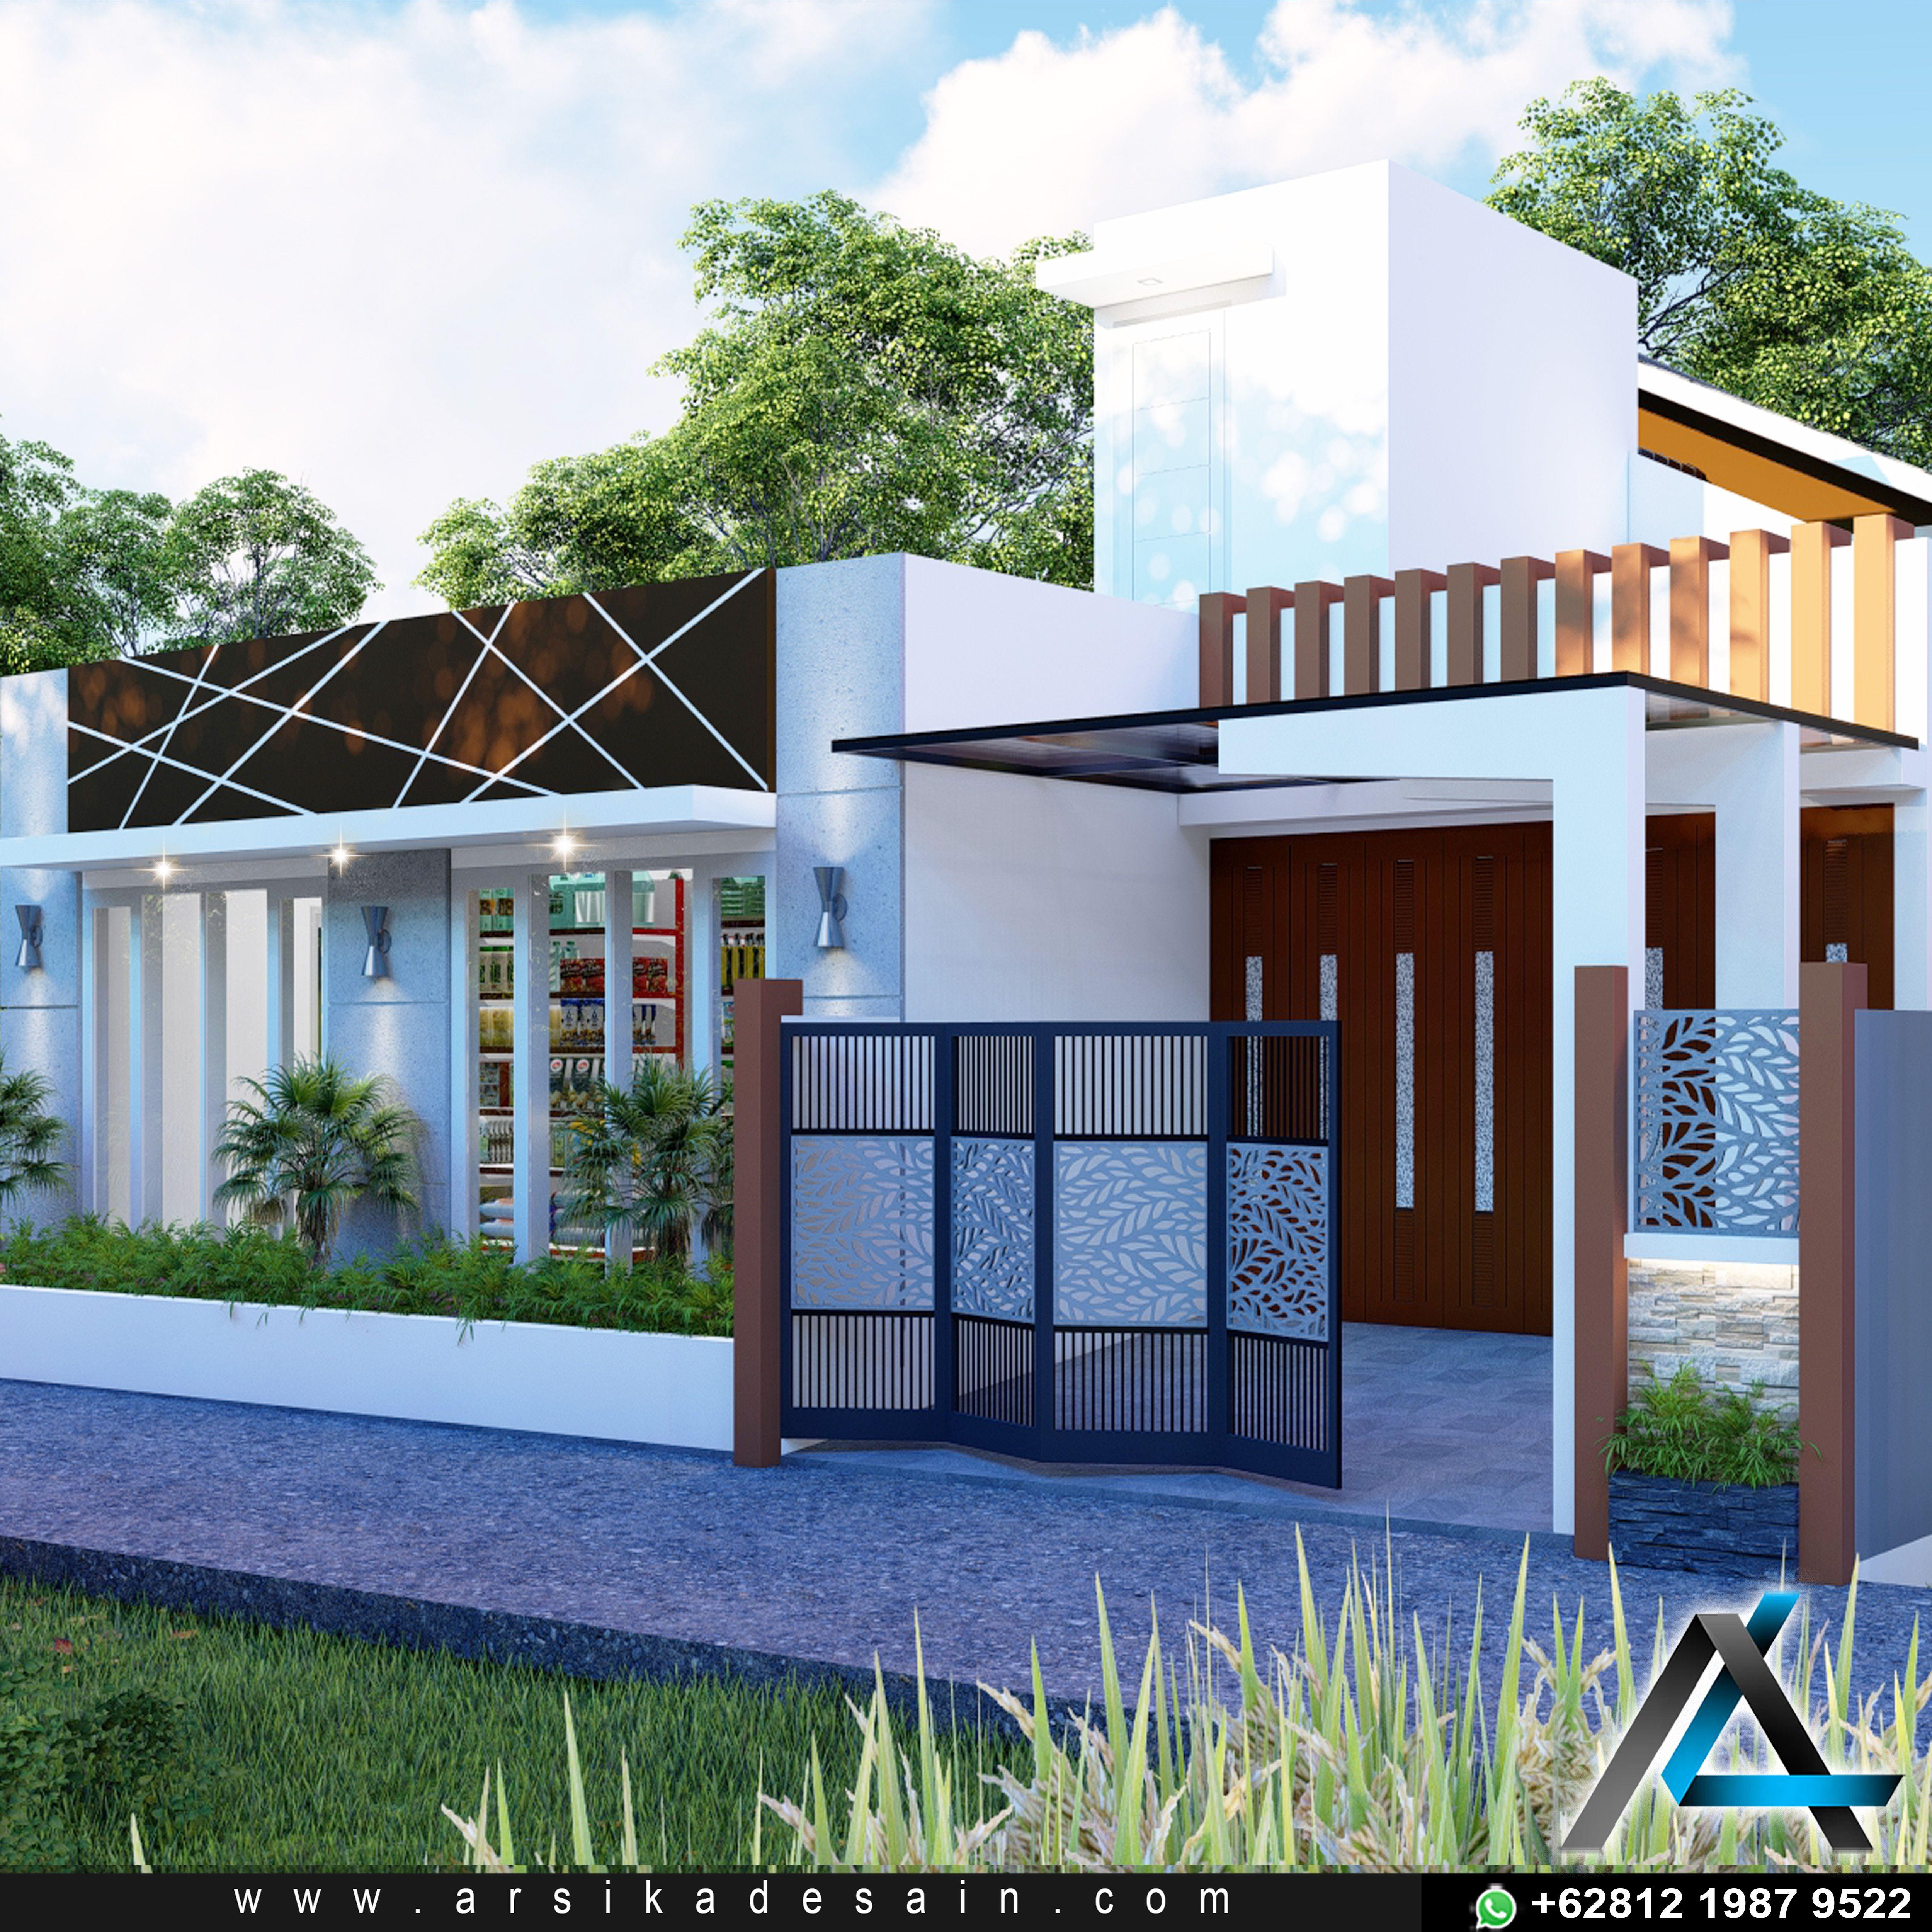 Desain Rumah Minimalis Modern Arsitektur Minimalis Arsitektur Rumah Minimalis